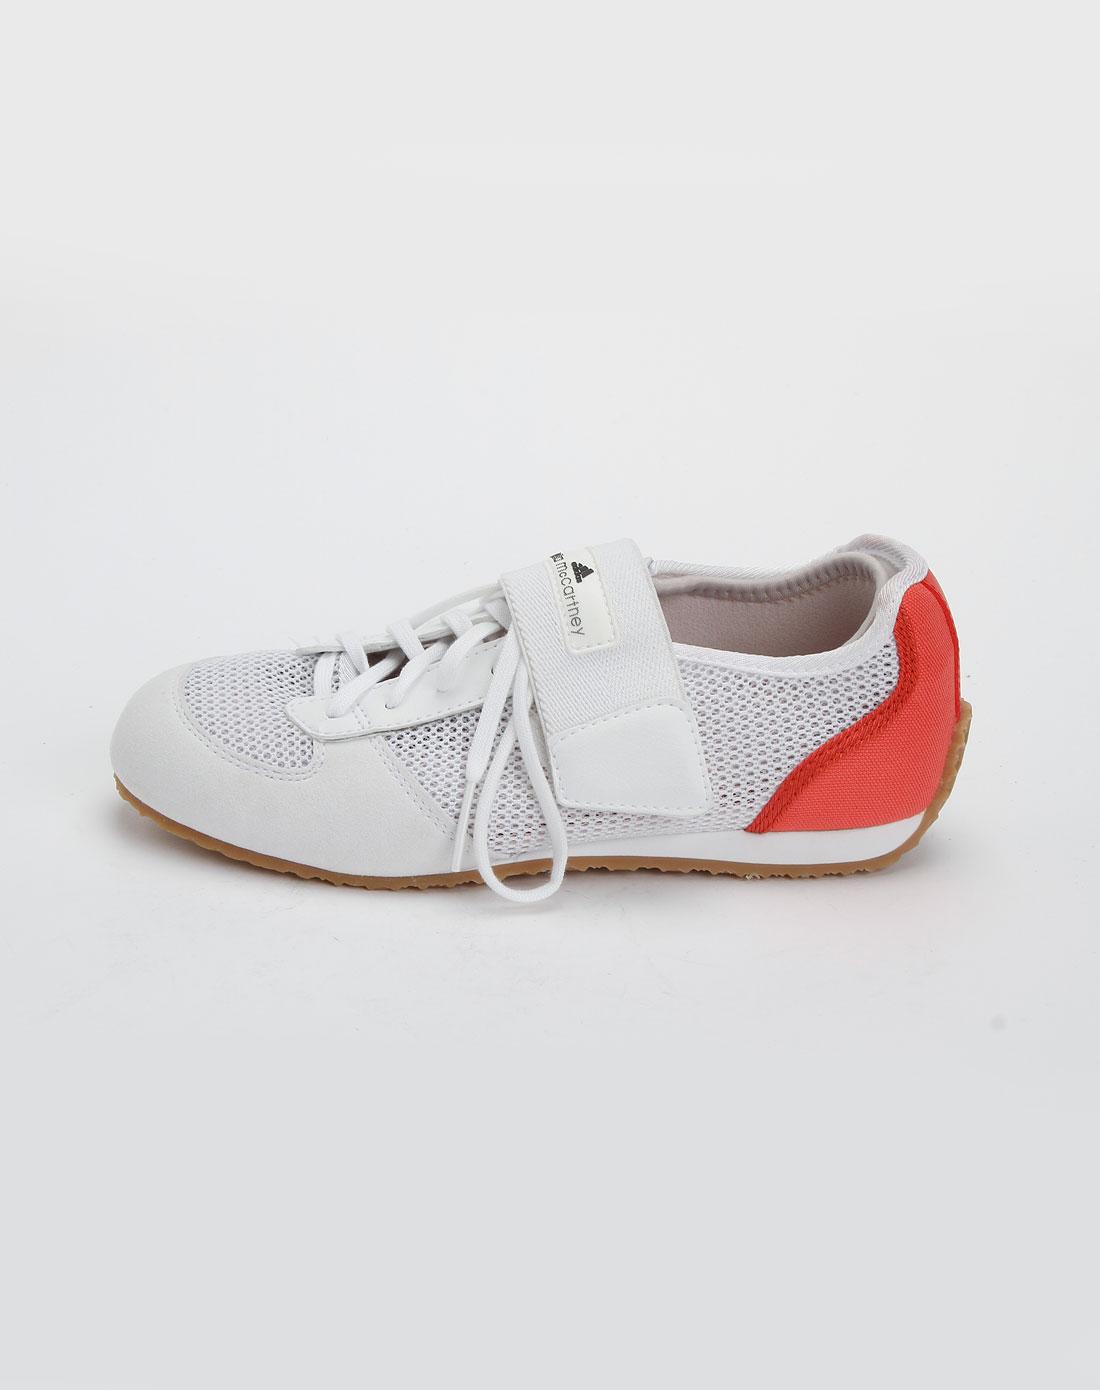 女款白色休闲绑带运动鞋g19415